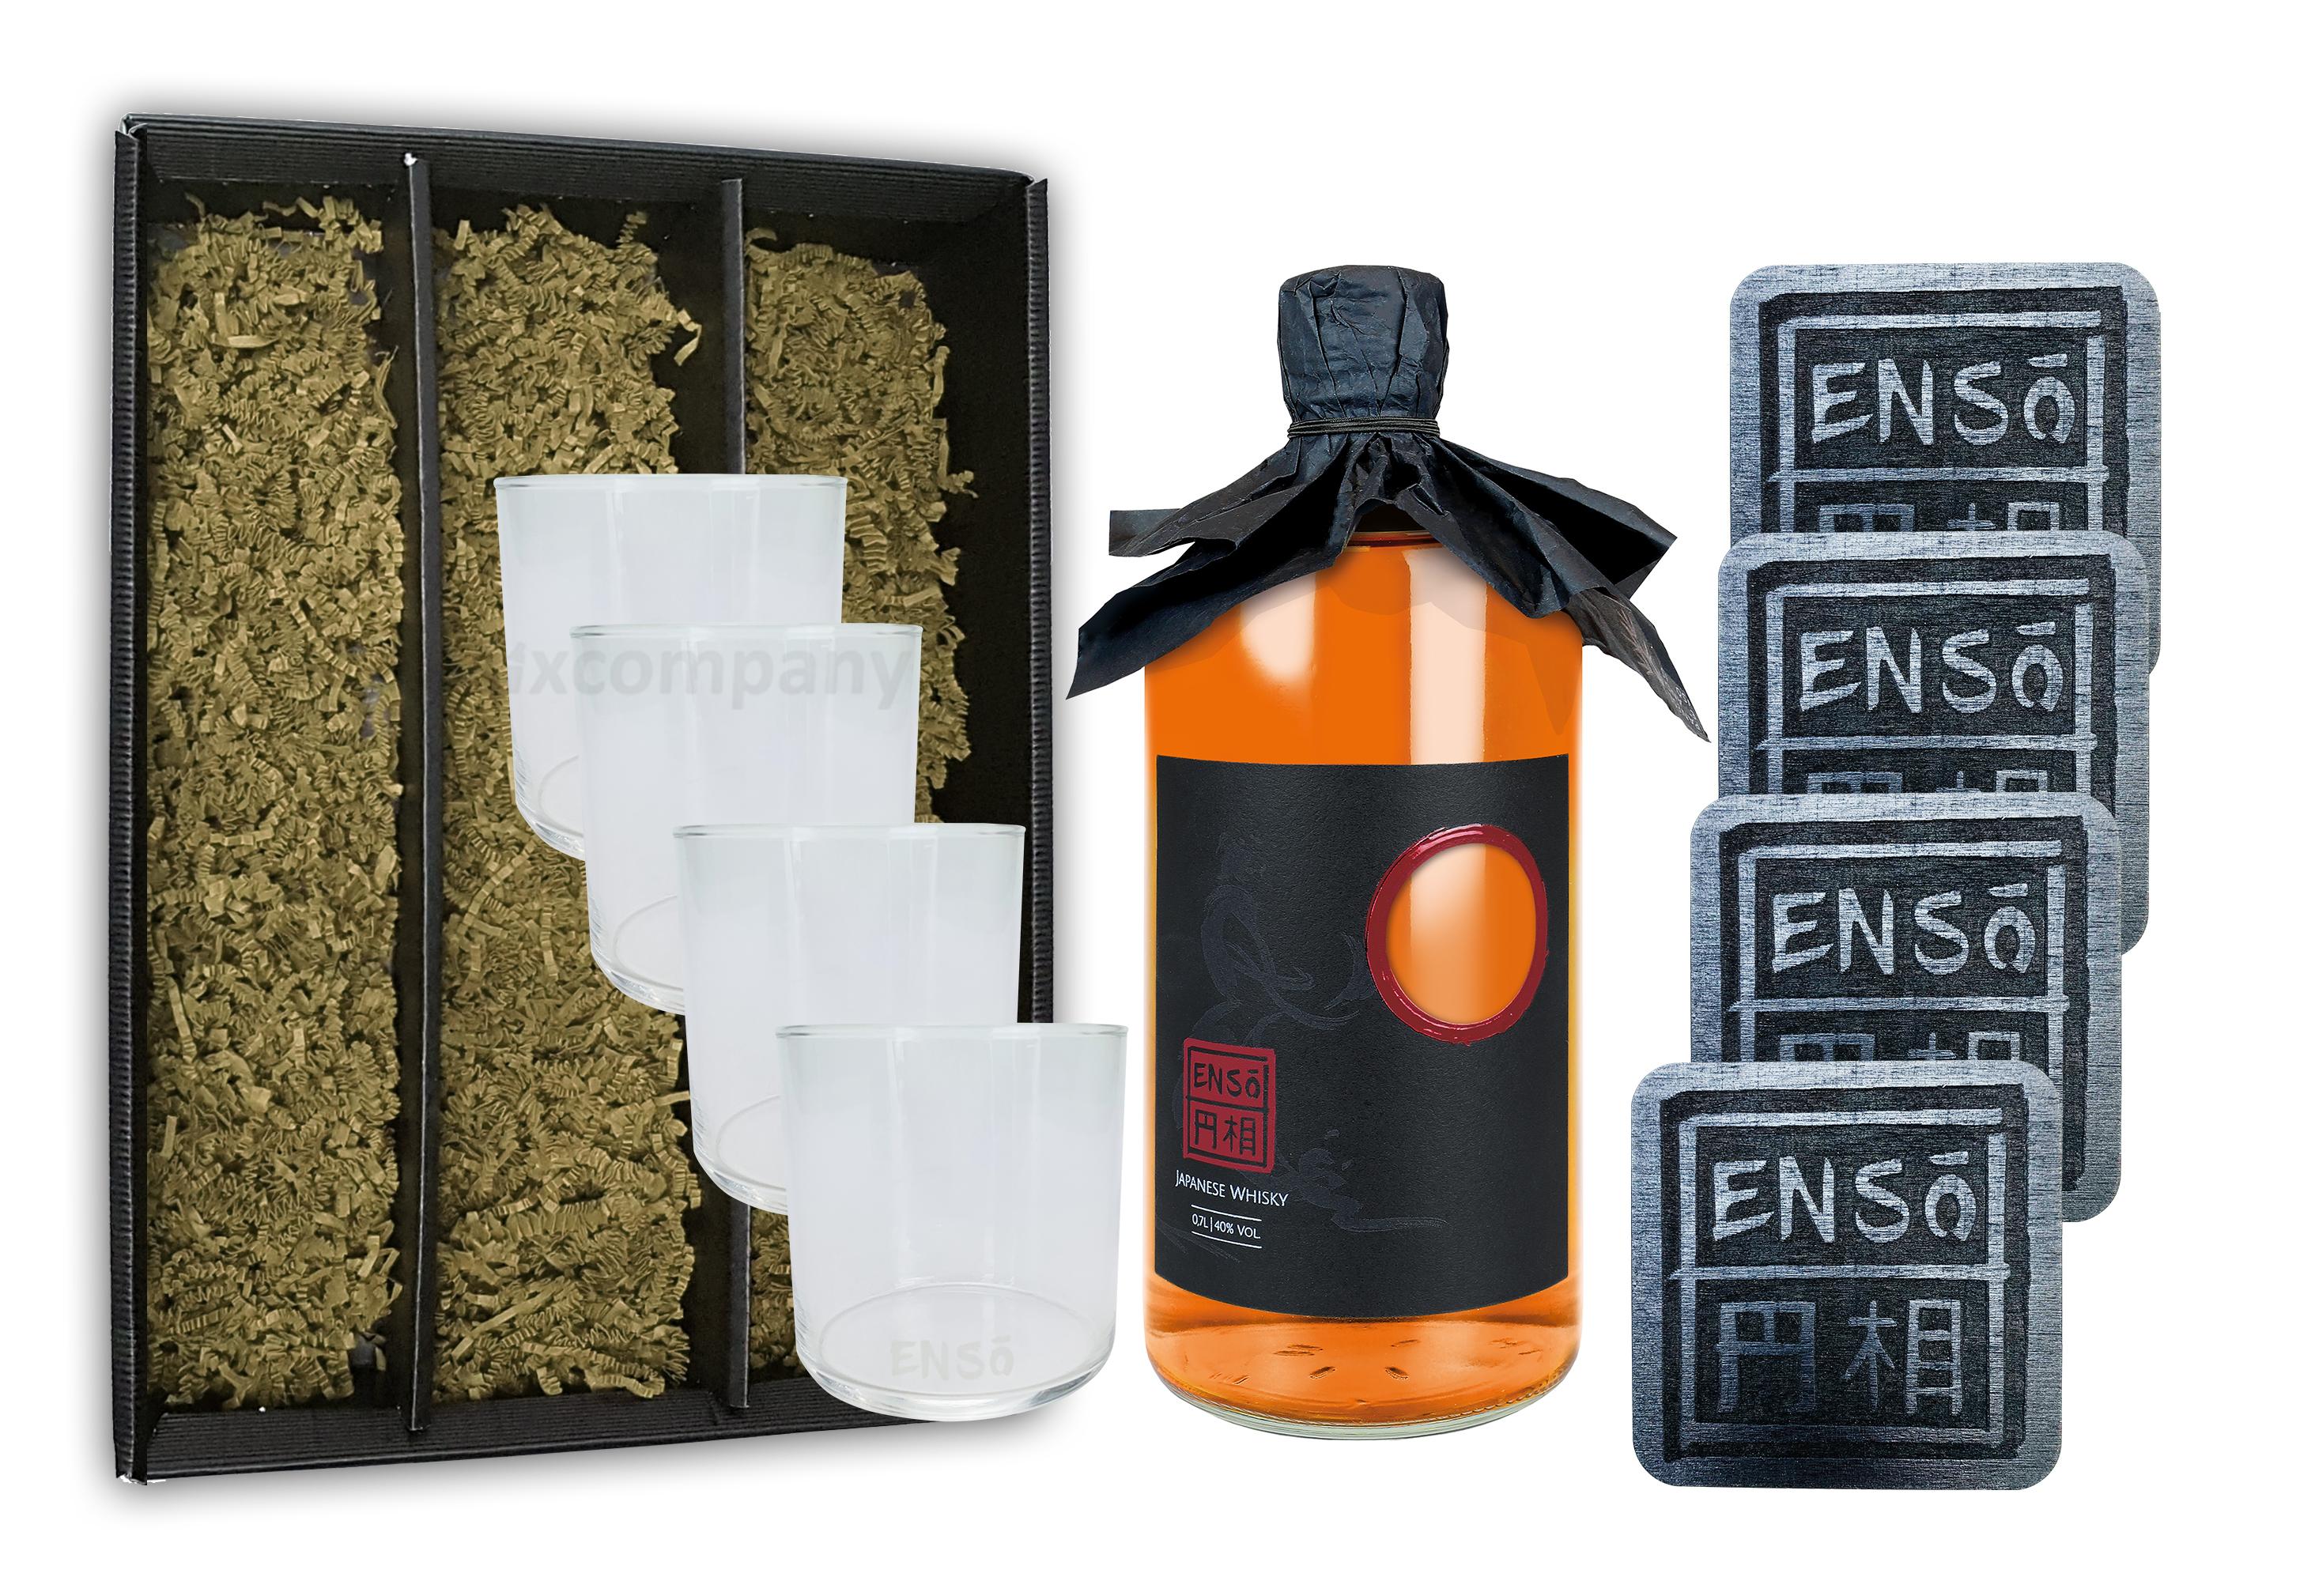 Enso Pot Still Blend Whisky 0,7l (40% Vol) + 4 Tumbler + 4 Untersetzer mit Geschenkverpackung japanischer Whiskey Glas Gläser Longdrinkglas Untersetzer - [Enthält Sulfite]